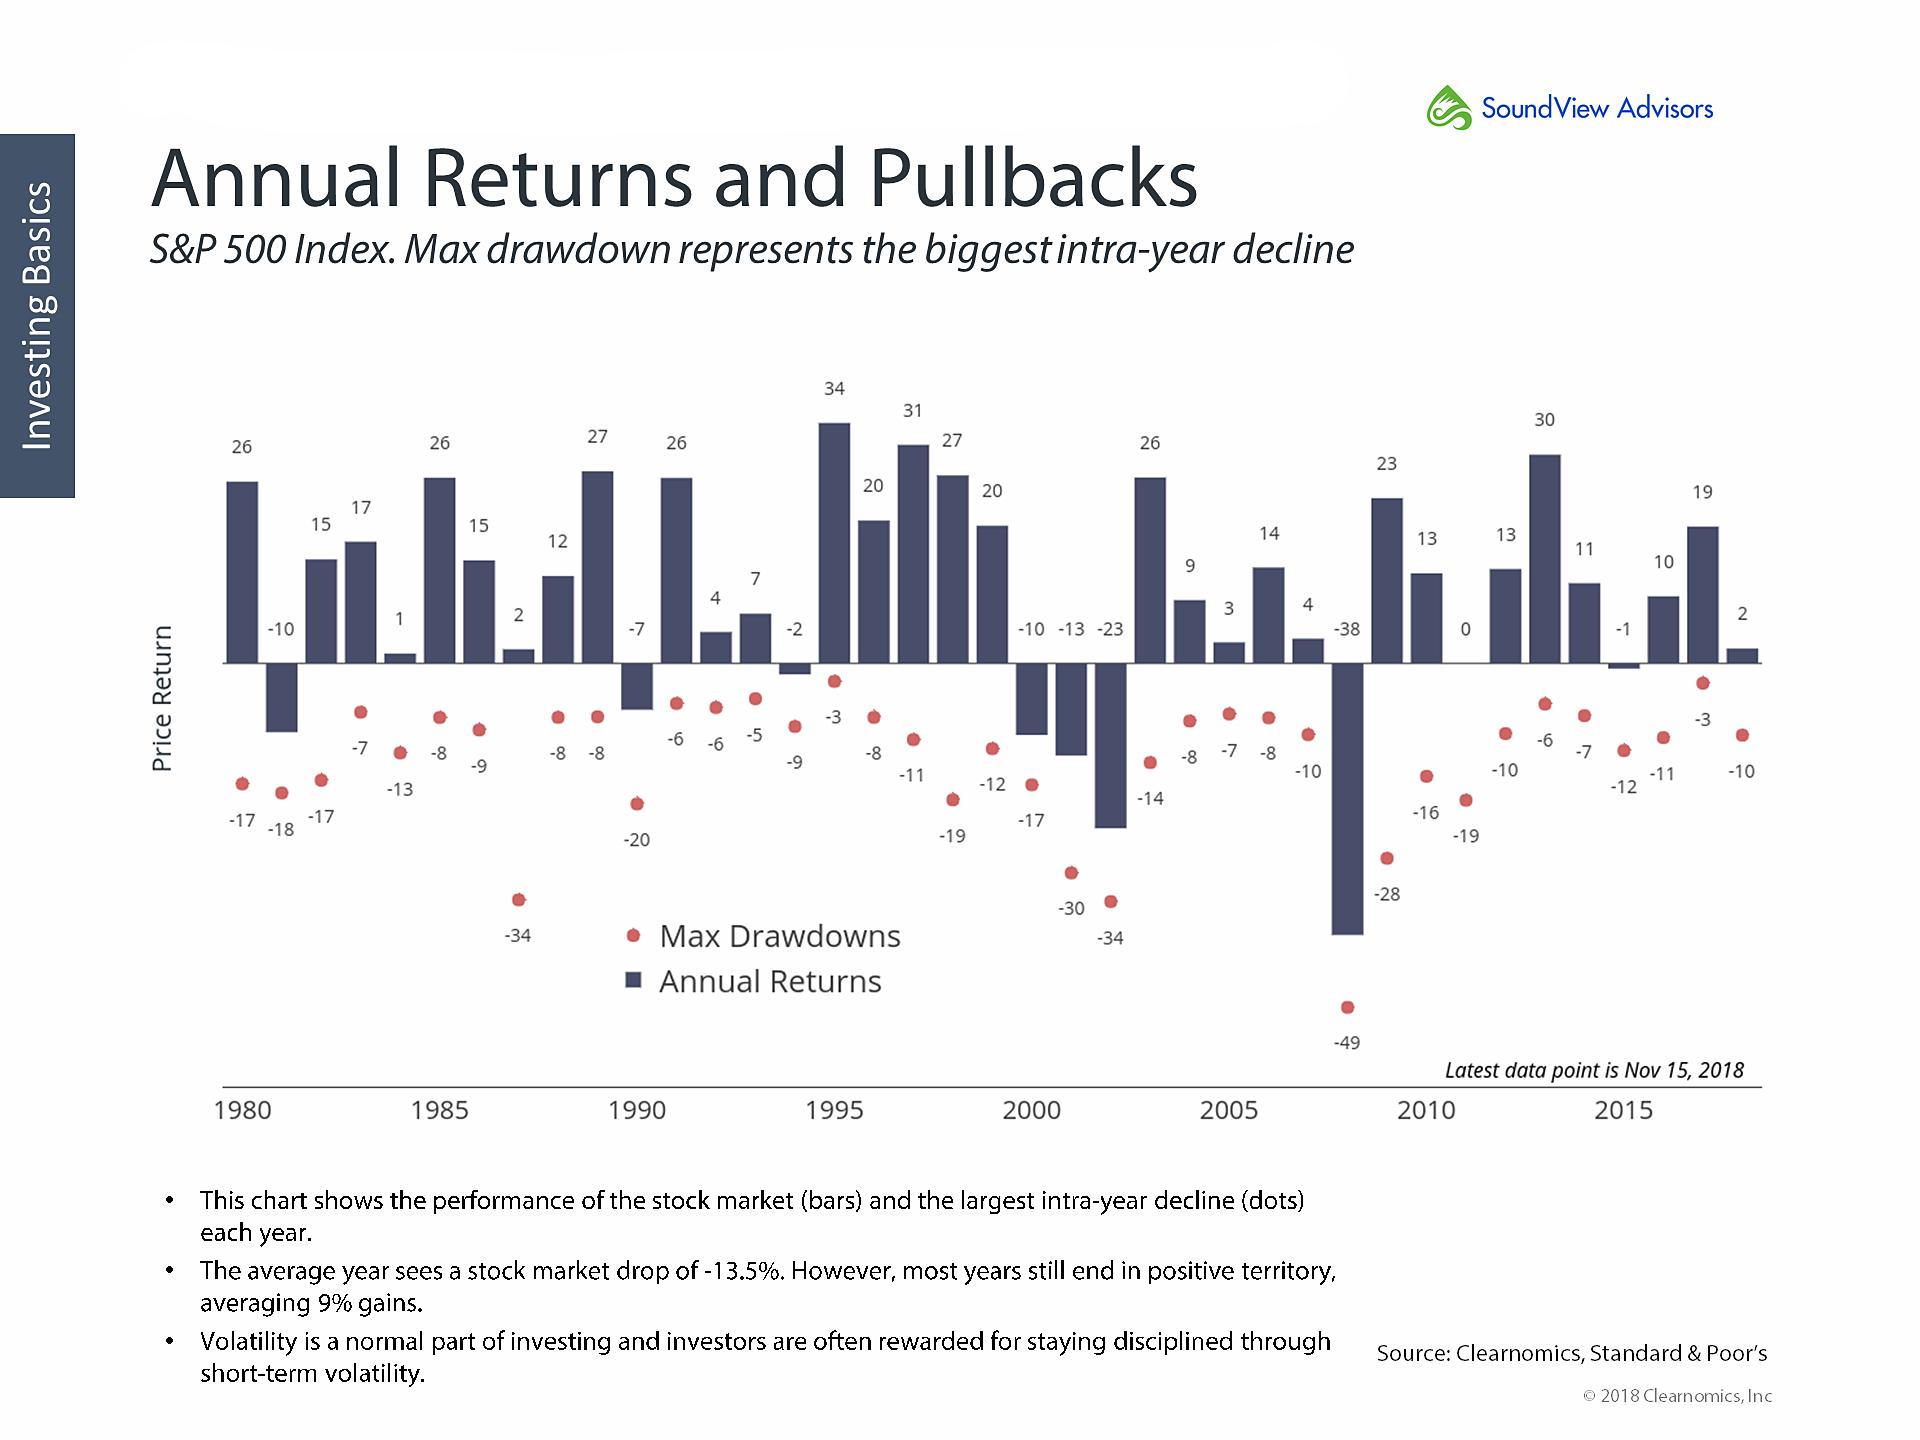 Annual Return and Pullbacks